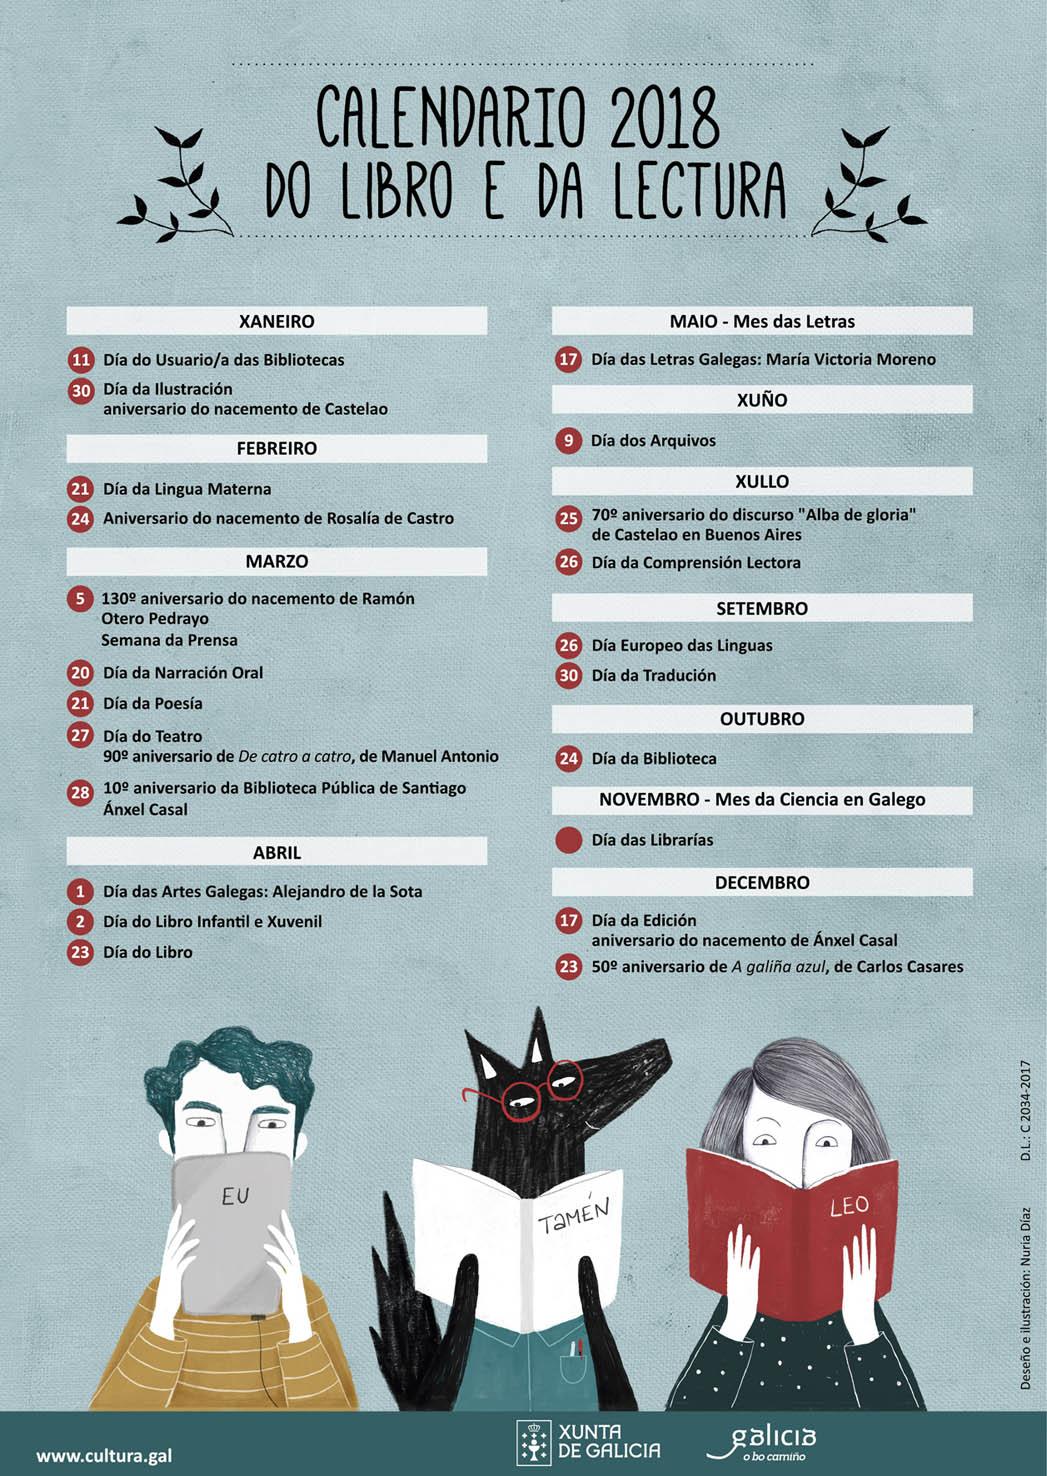 Calendario 2018  do libro e da lectura